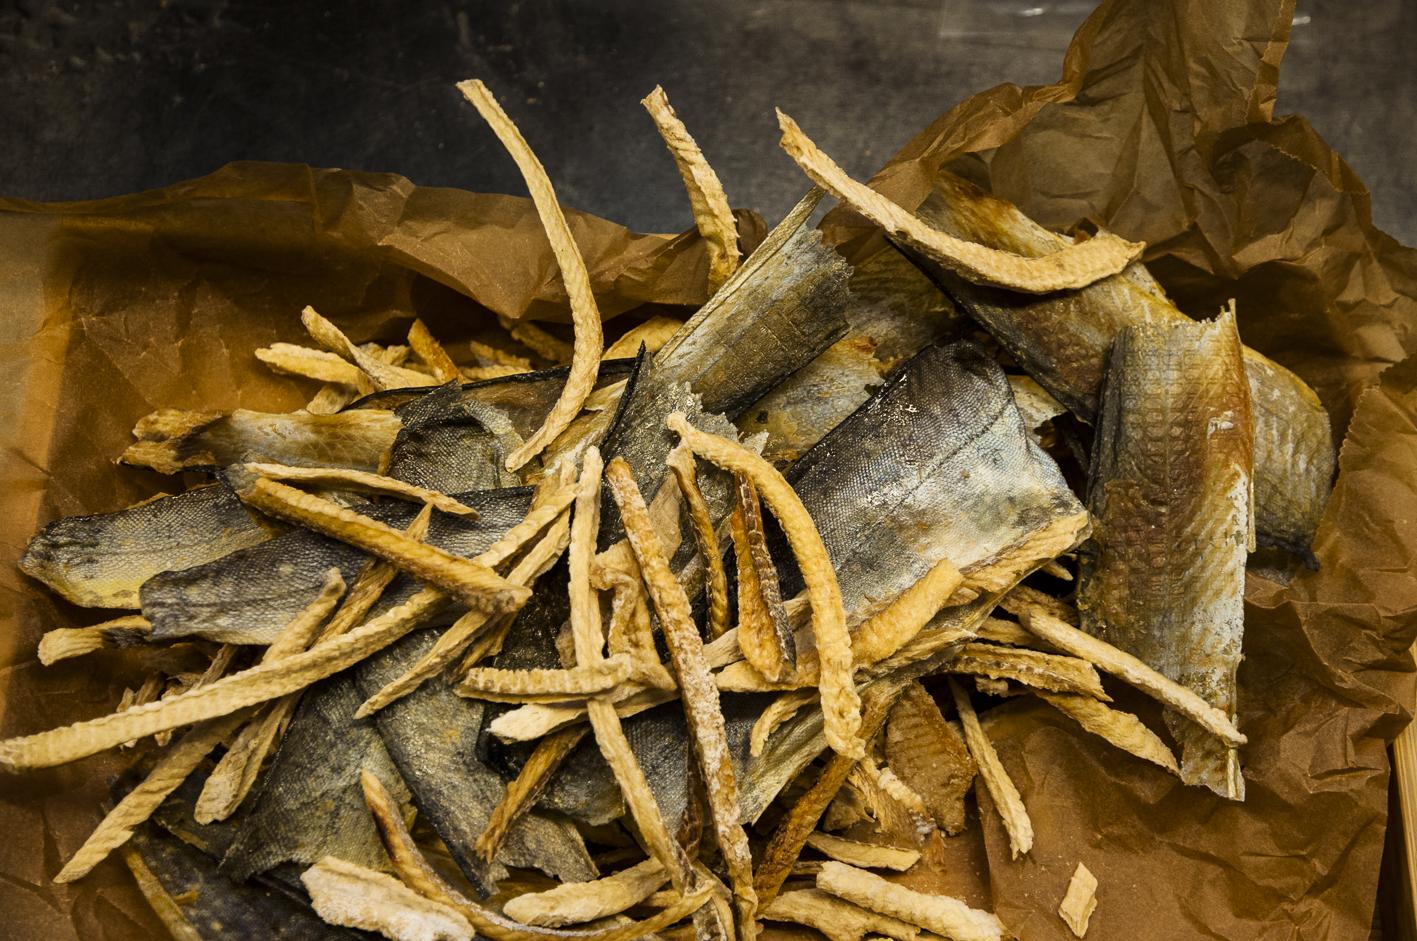 Bio-Raubfisch, Stockfisch, Fischhaut,, tasting_forum, Bio 3.0, biodreinull, Verkostung